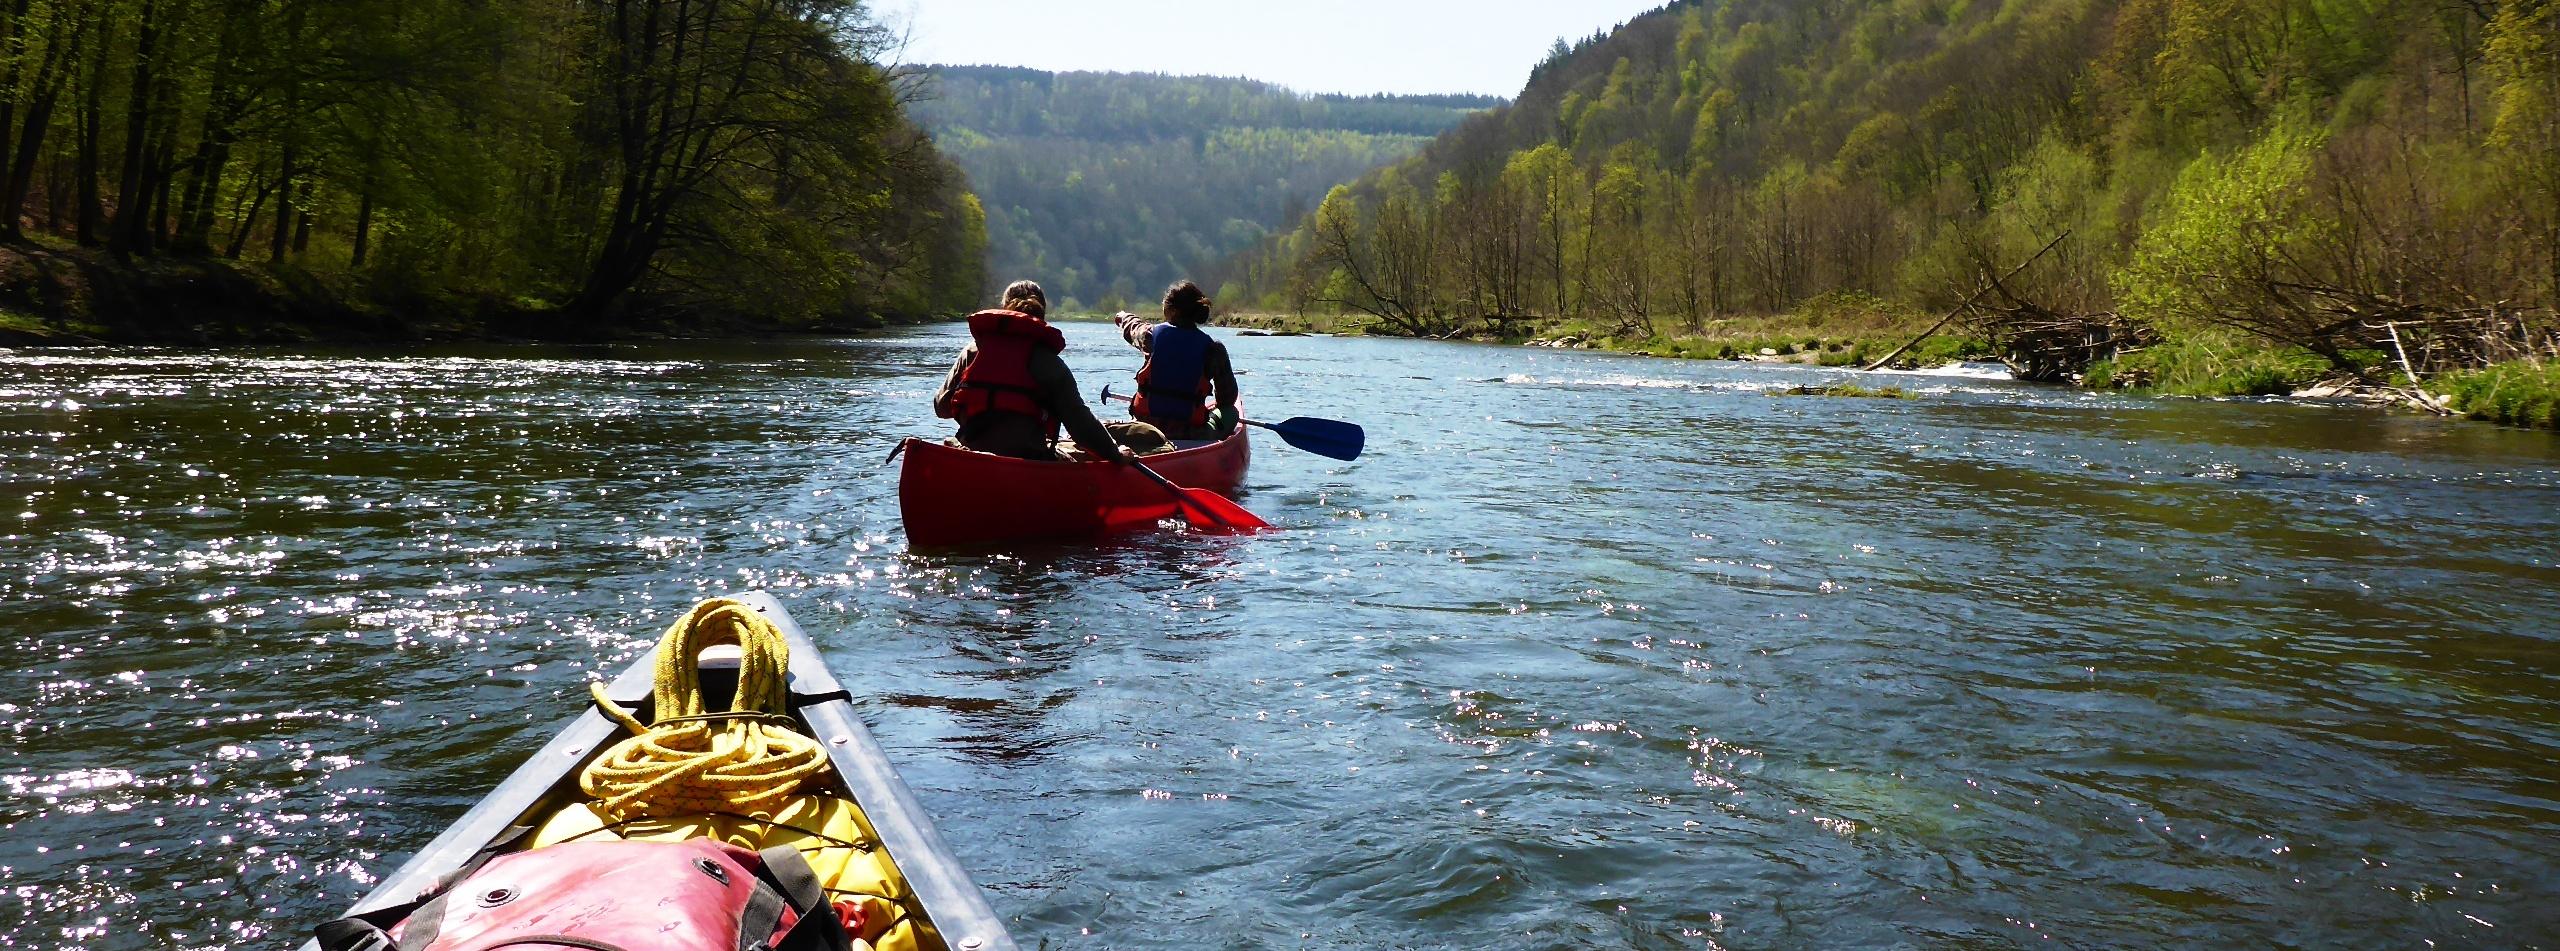 Sur les rivières